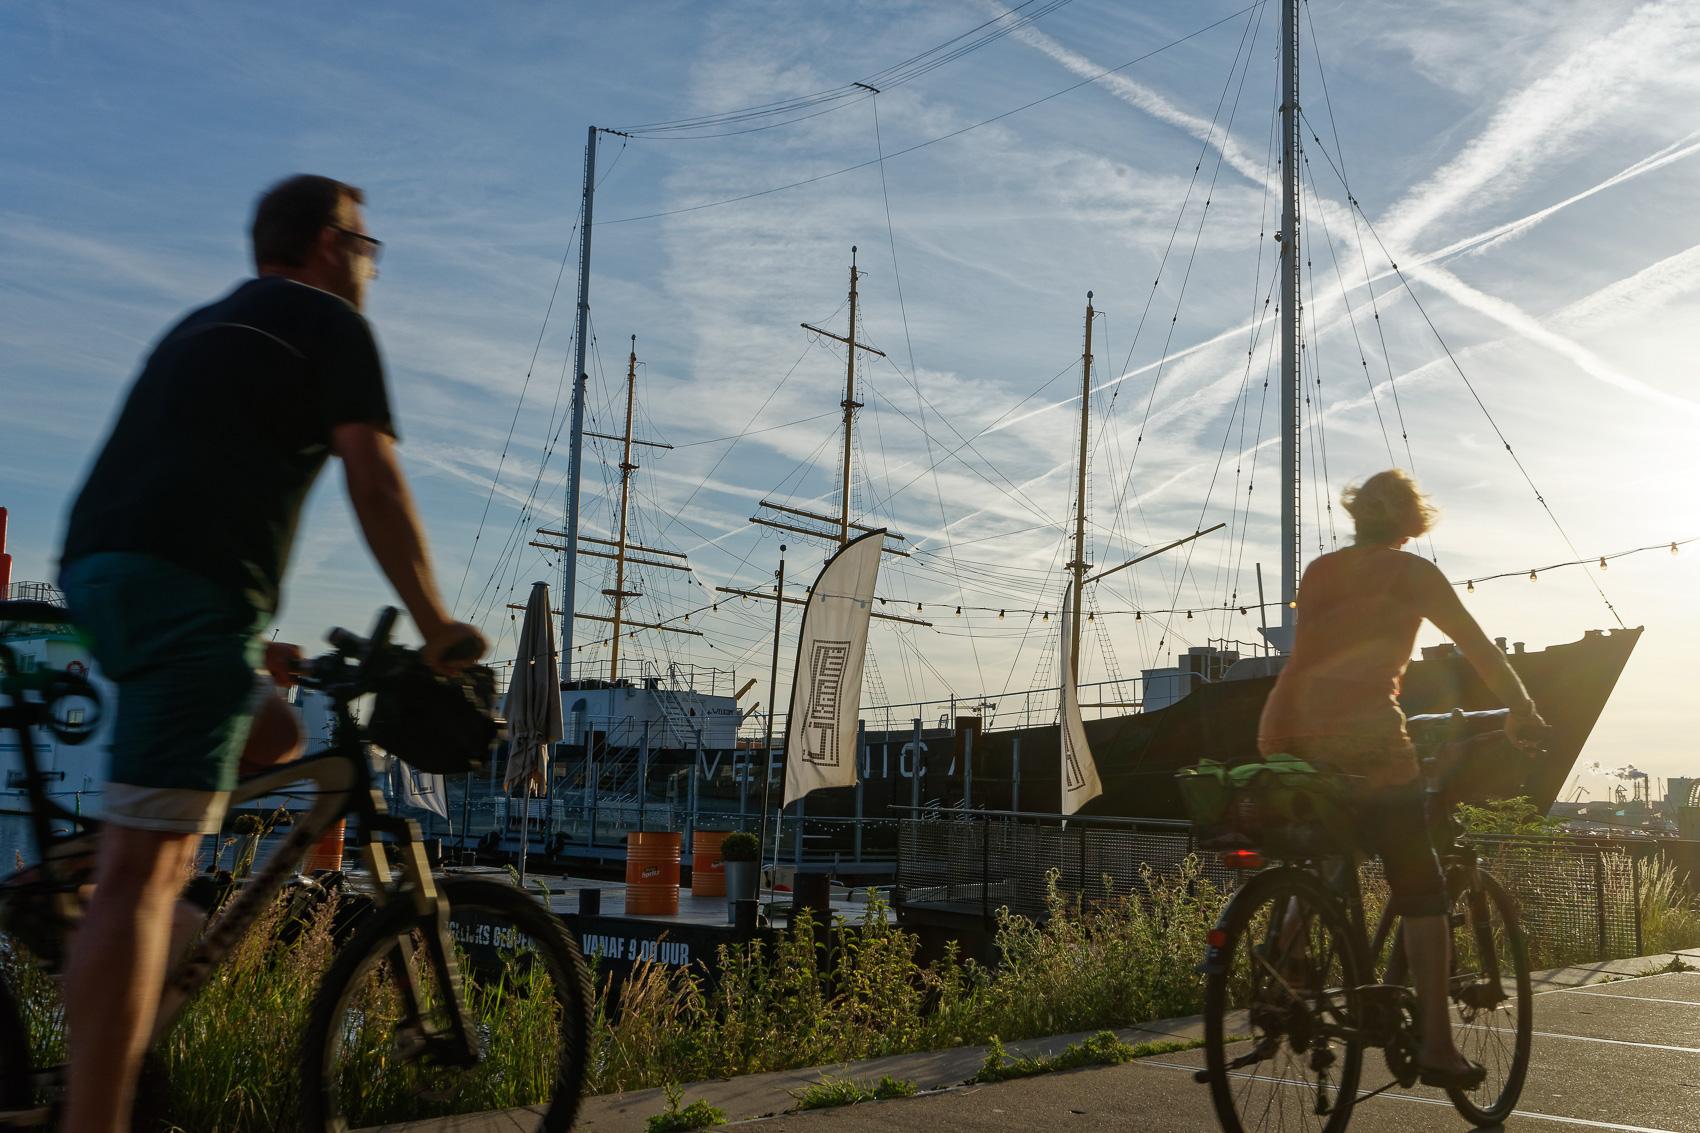 Zomer - in Amsterdam